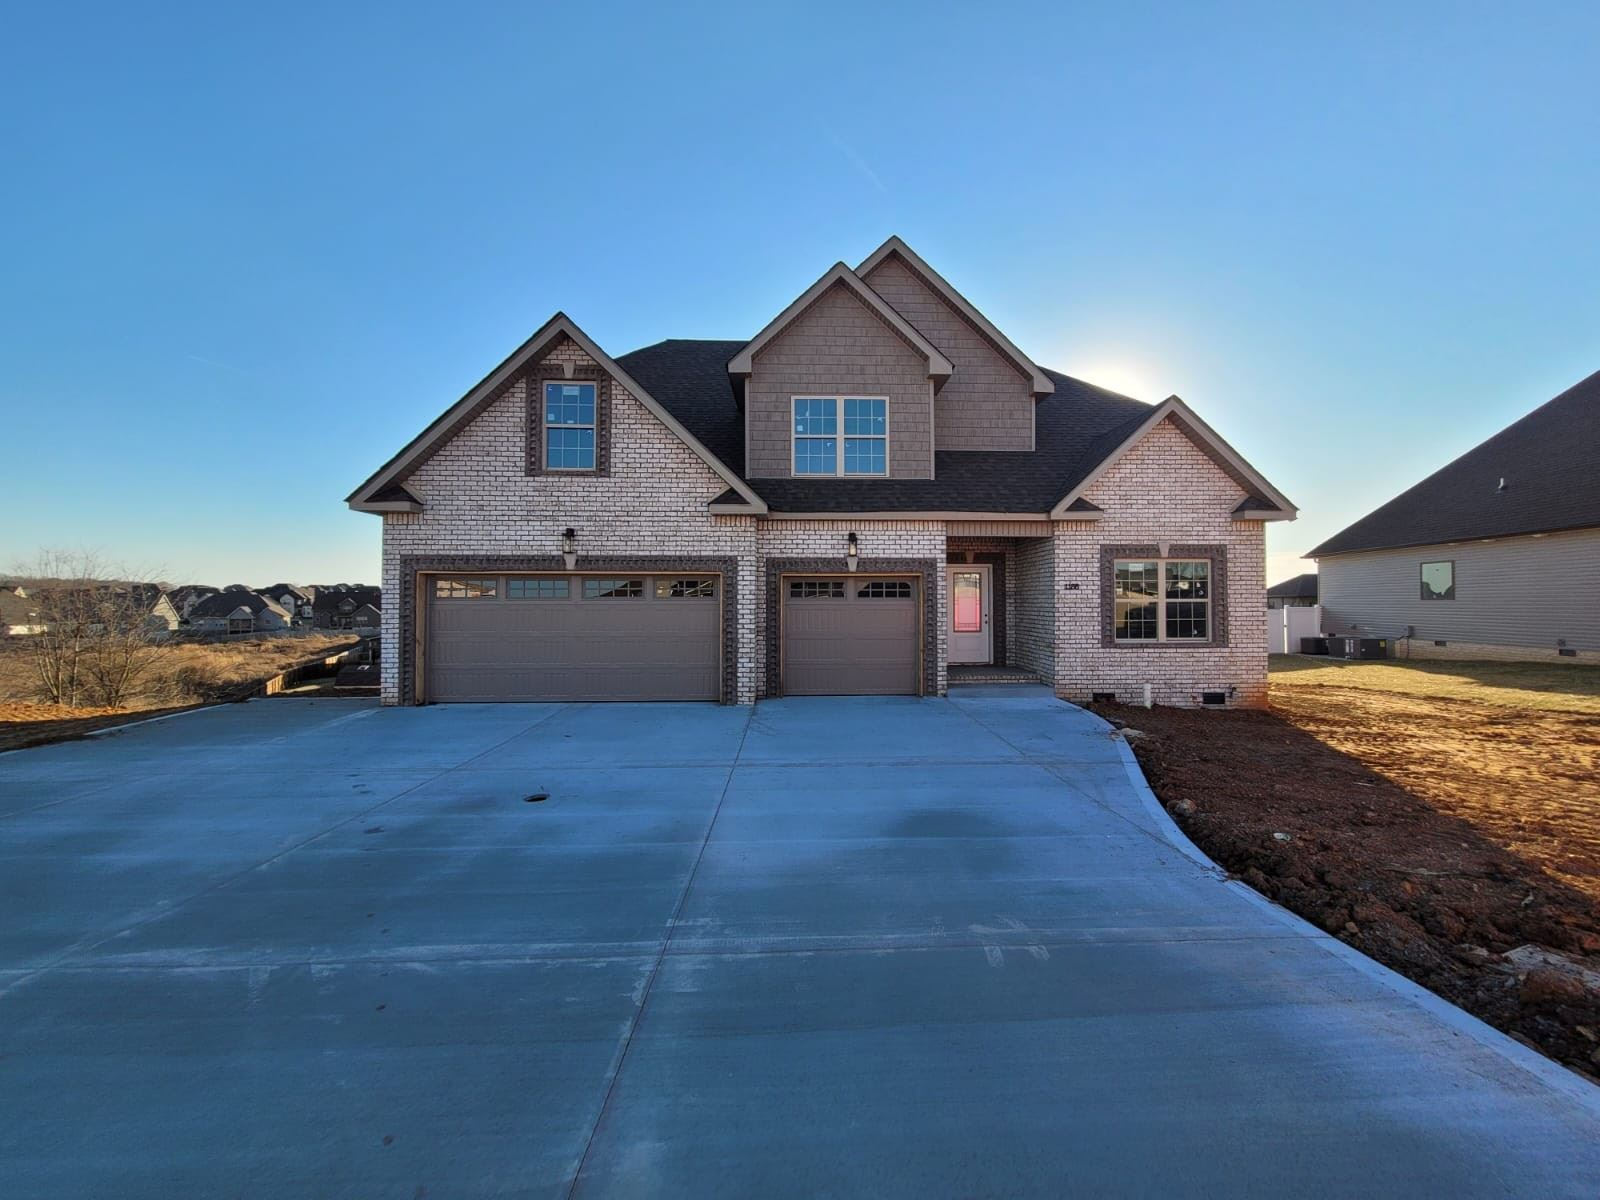 633 Farmington, Clarksville, TN 37043 - MLS#: 2288502